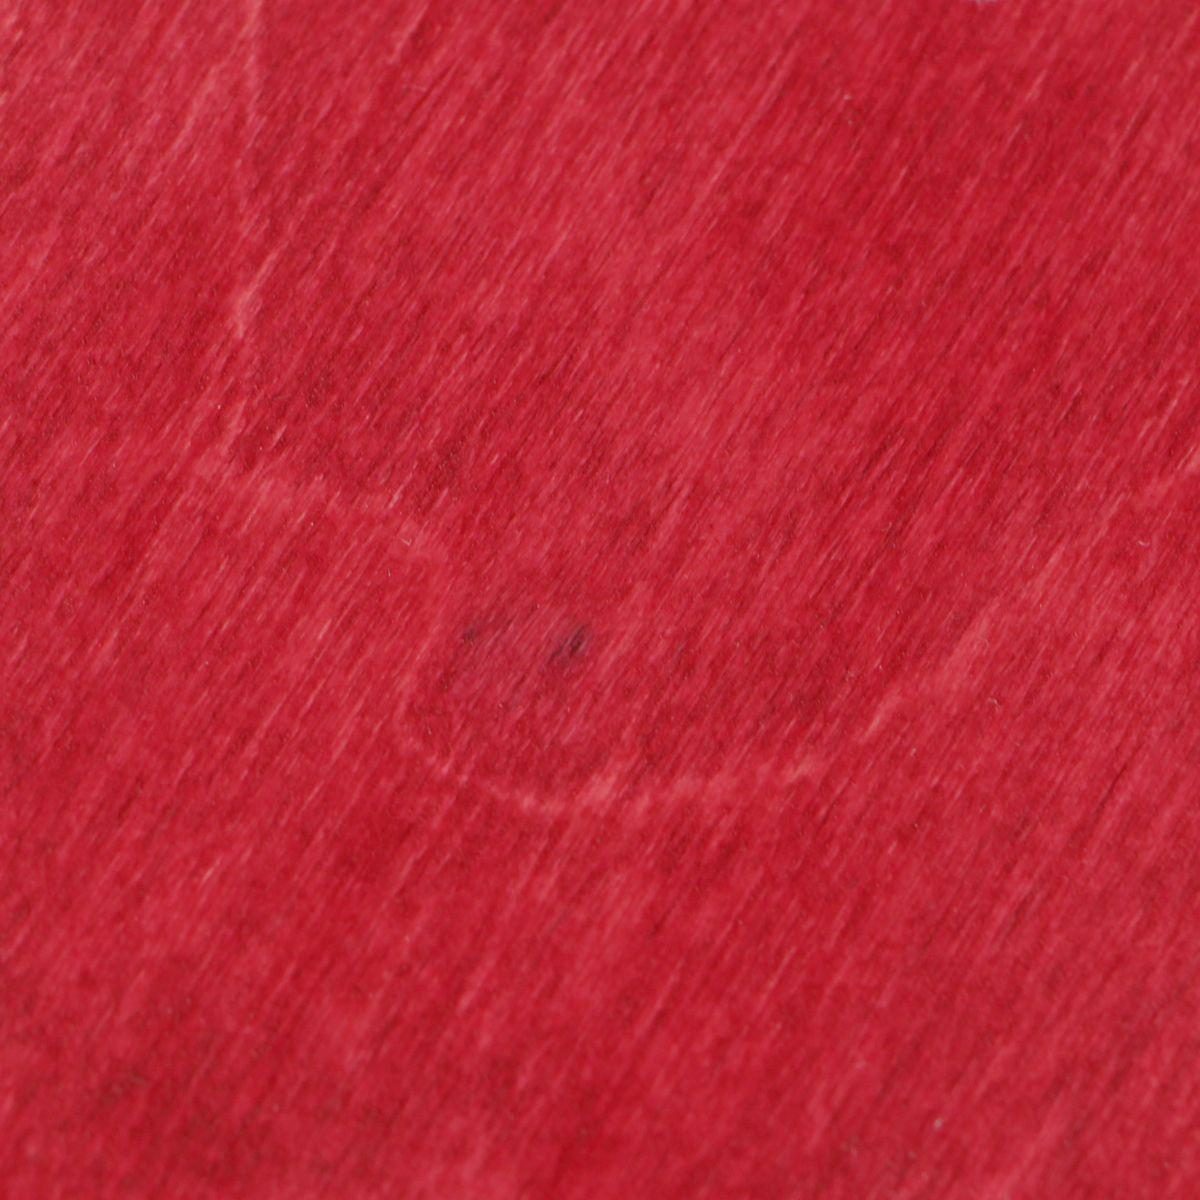 """Z0020-02, Лазурь по дереву - вишня, Красный-0Z0020-02Декоративная лазурь """"Craft Premier"""" на акриловой основе великолепно подчеркивает естественную структуру древесины, создавая полупрозрачное матовое покрытие желаемого оттенка (в палитре представлены как натуральные, так и яркие цвета). В отличие от морилки"""